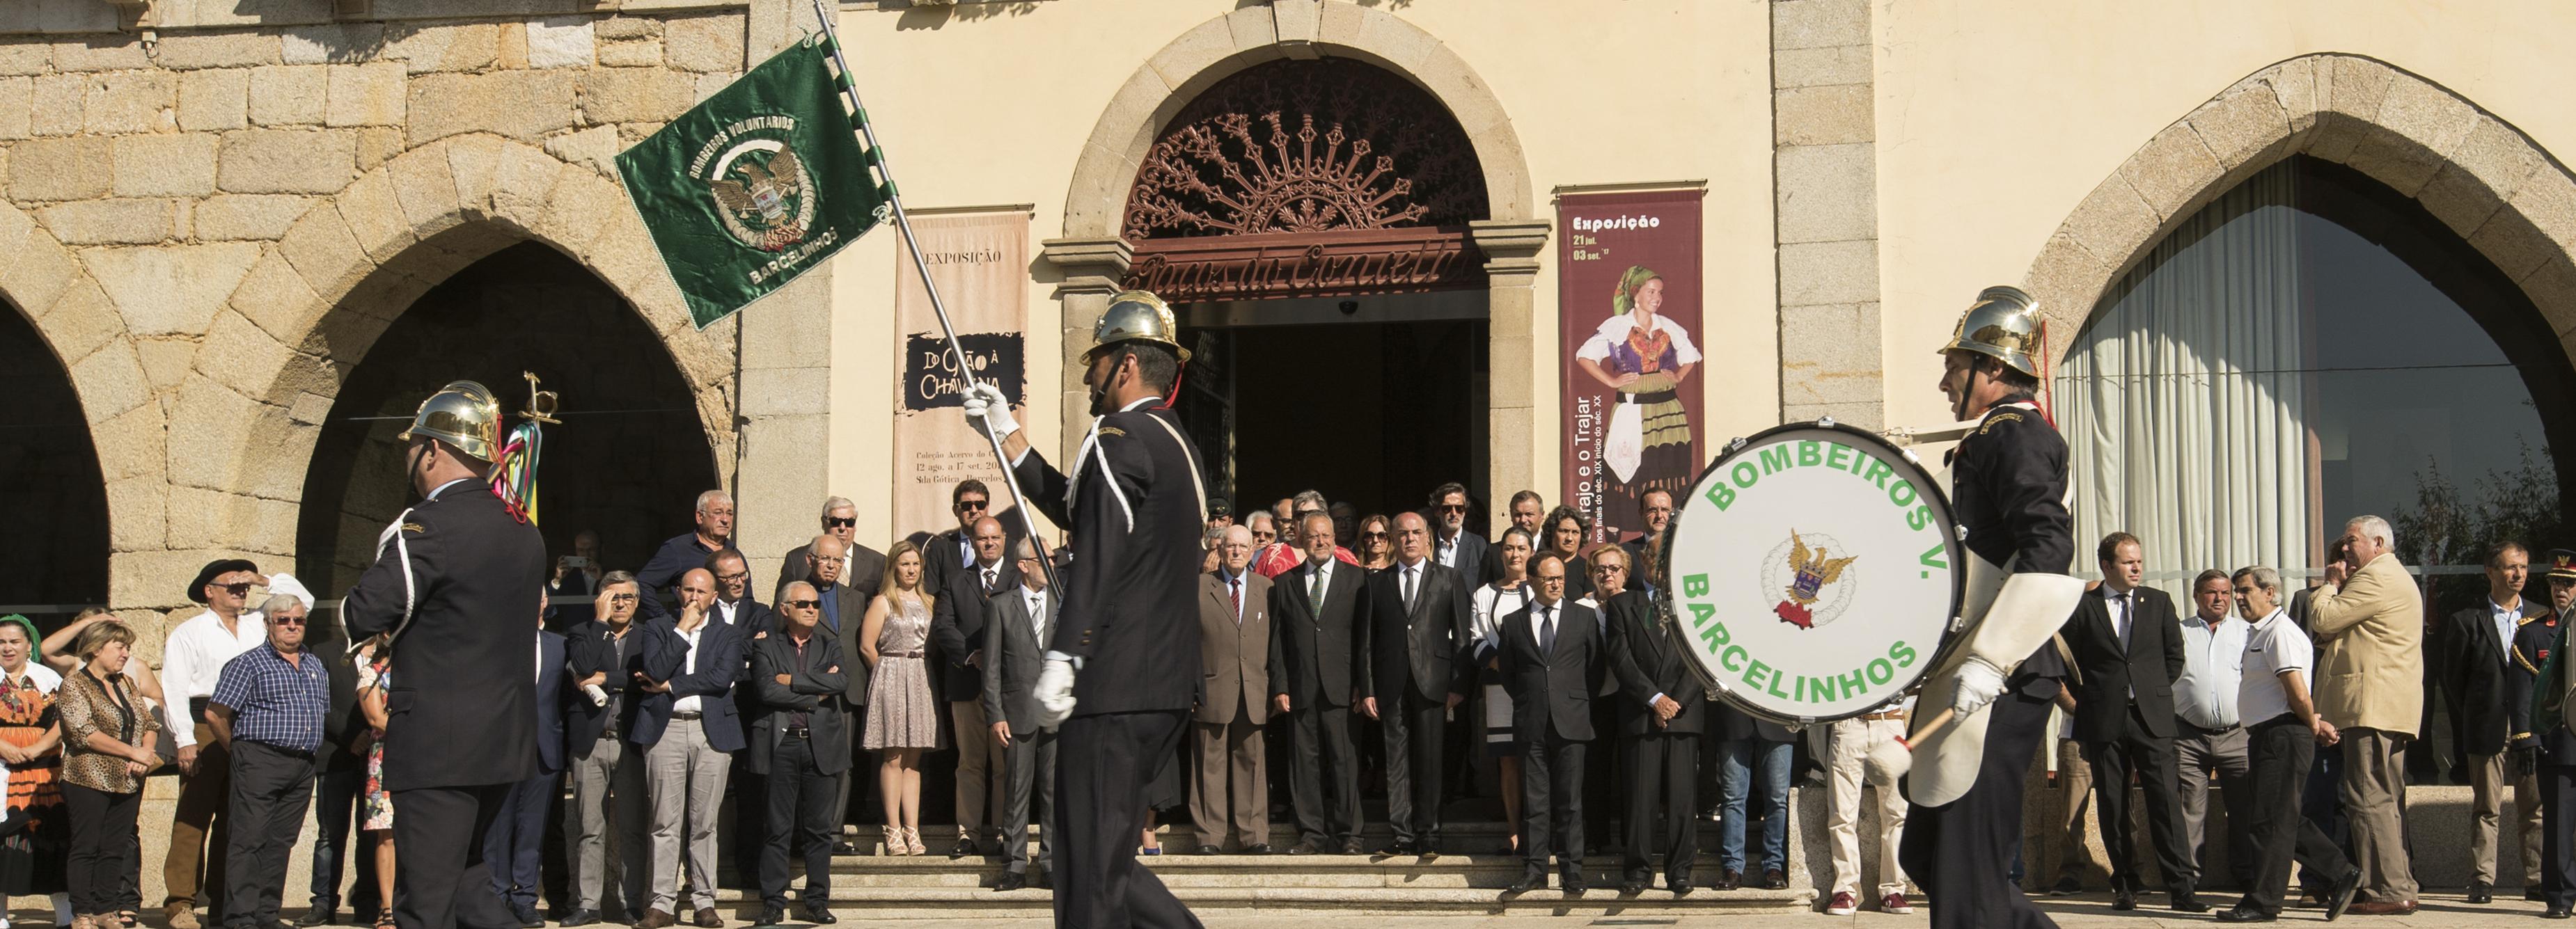 Avelino Mesquita e Rodrigo Amaral homenageados no Dia da Cidade